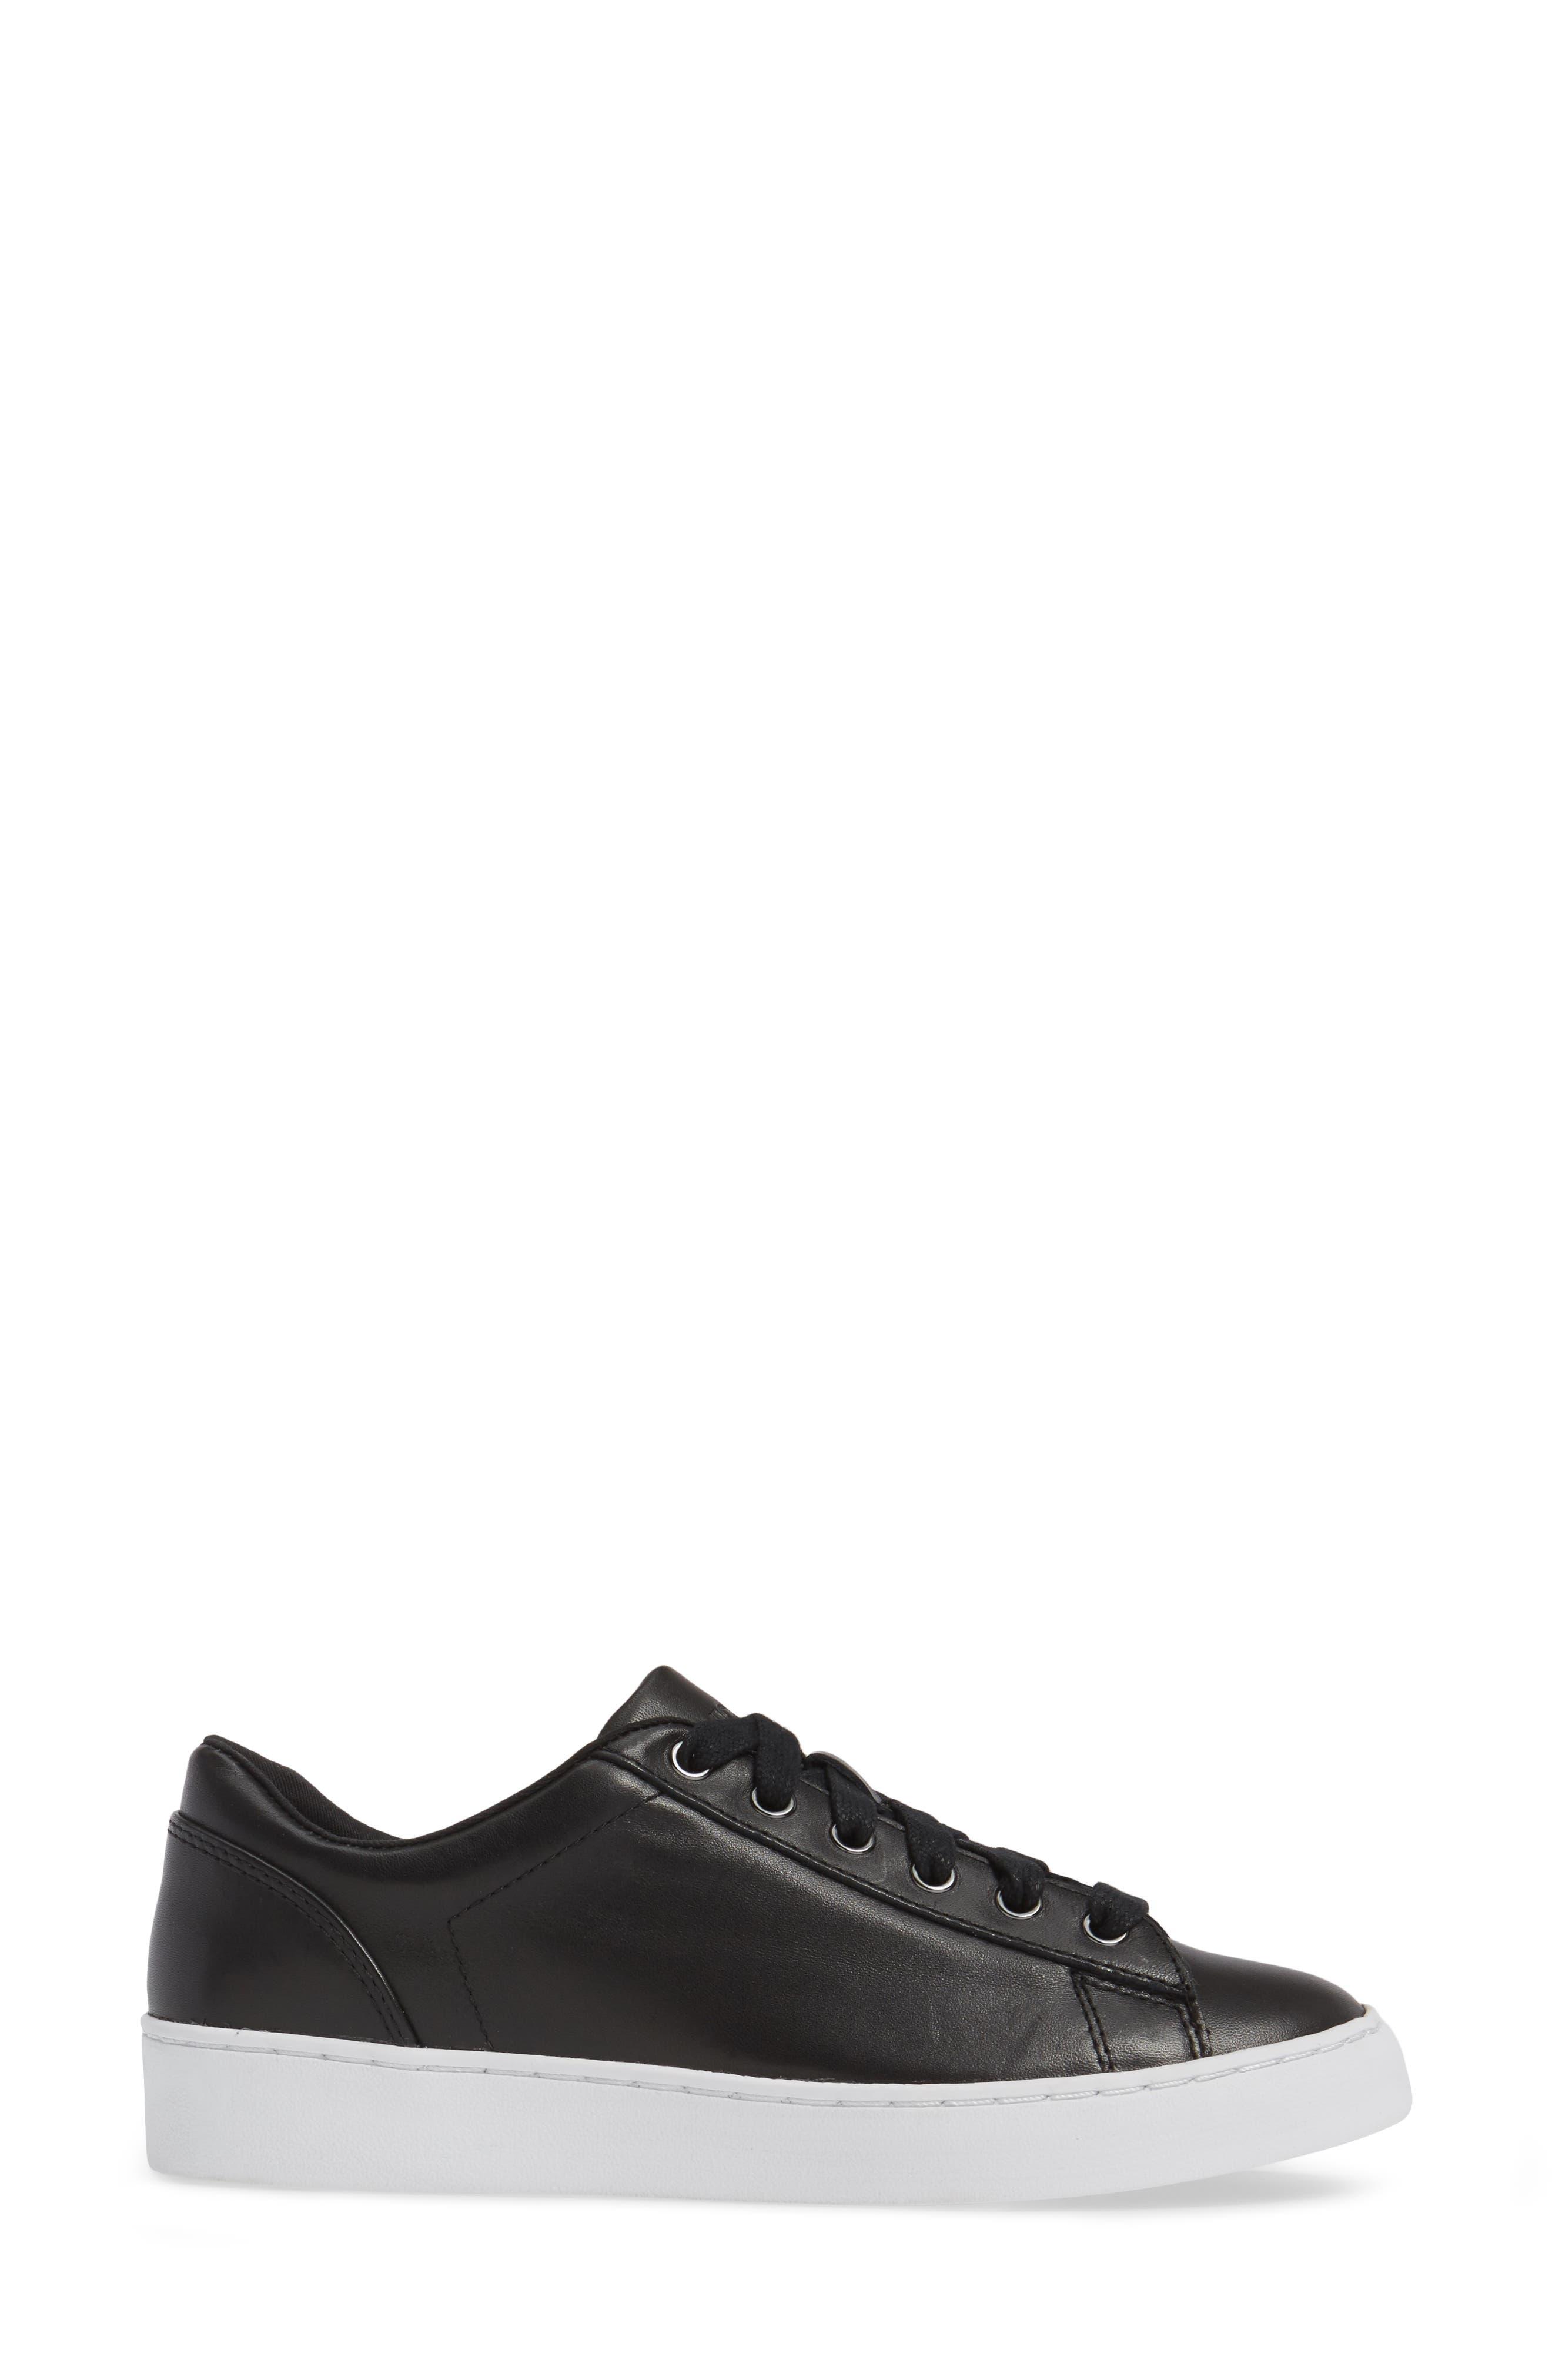 Splendid Syra Sneaker,                             Alternate thumbnail 3, color,                             Black Leather